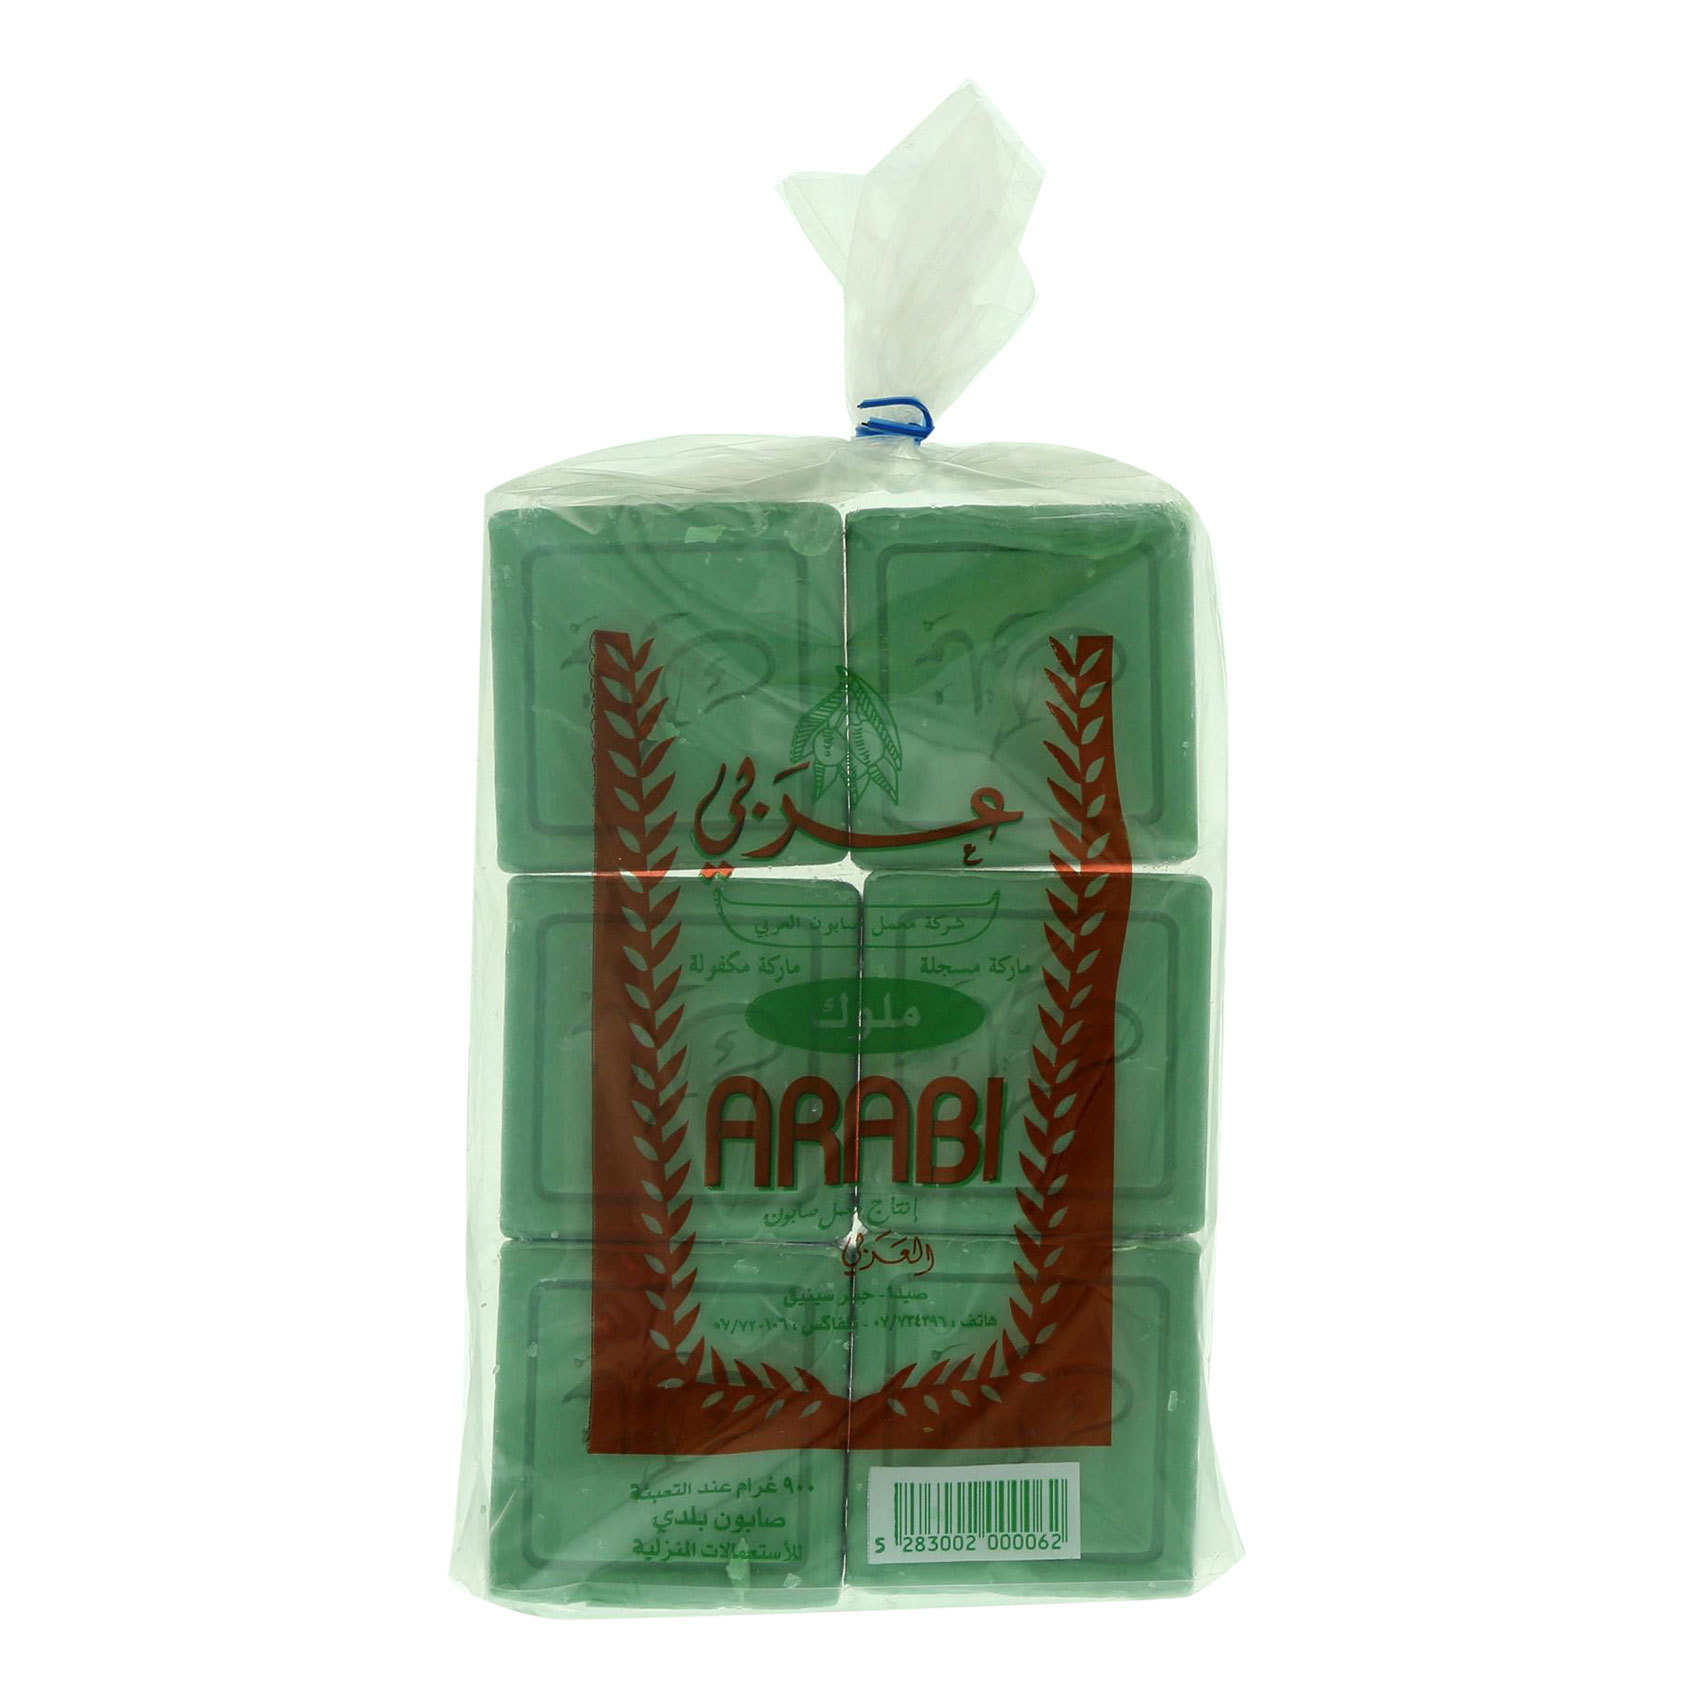 LAUREL NATURAL SOAP B3 X4